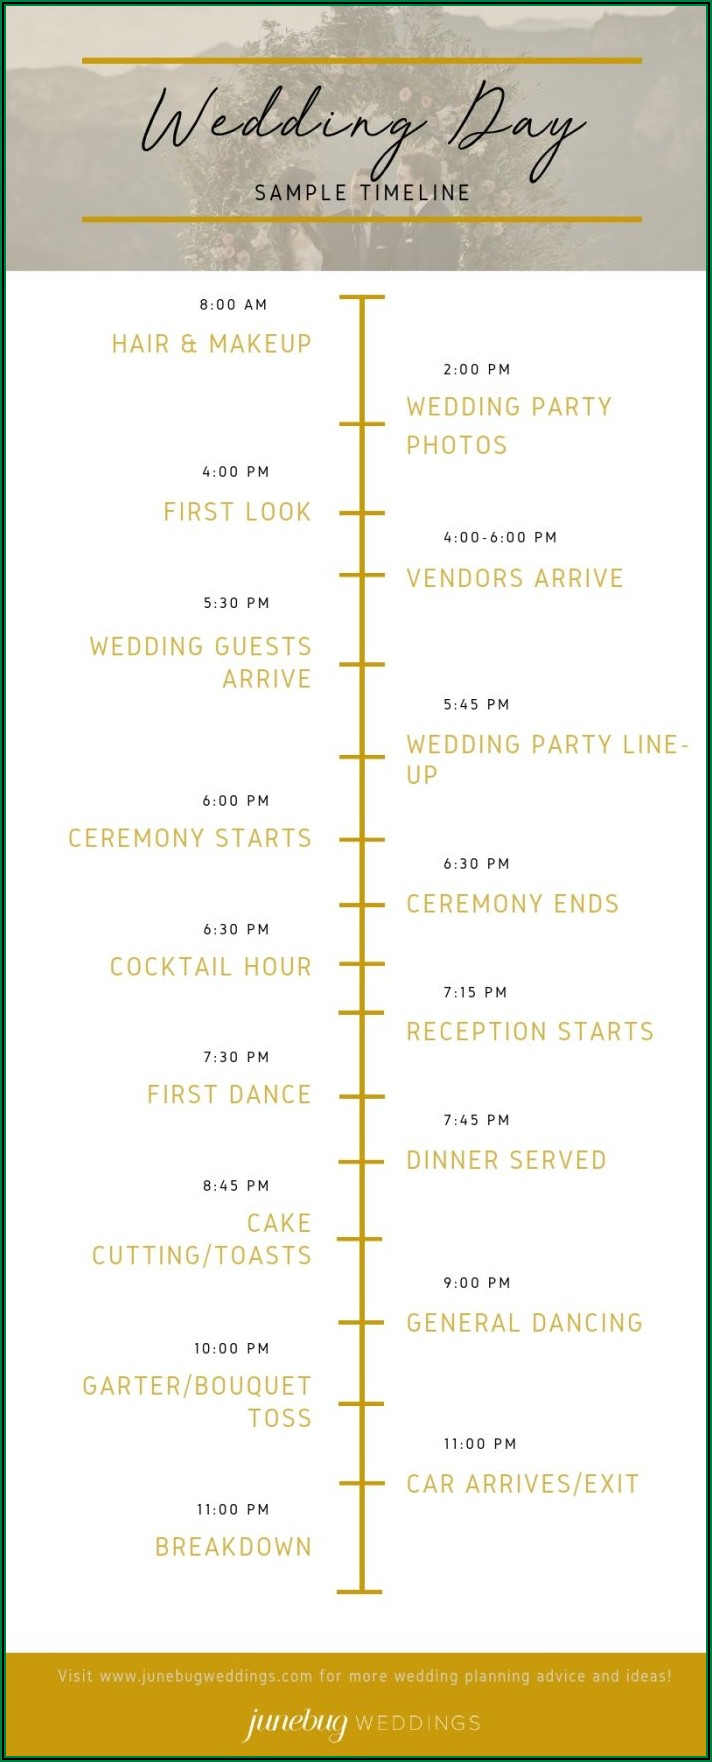 Wedding Day Timeline 430pm Ceremony